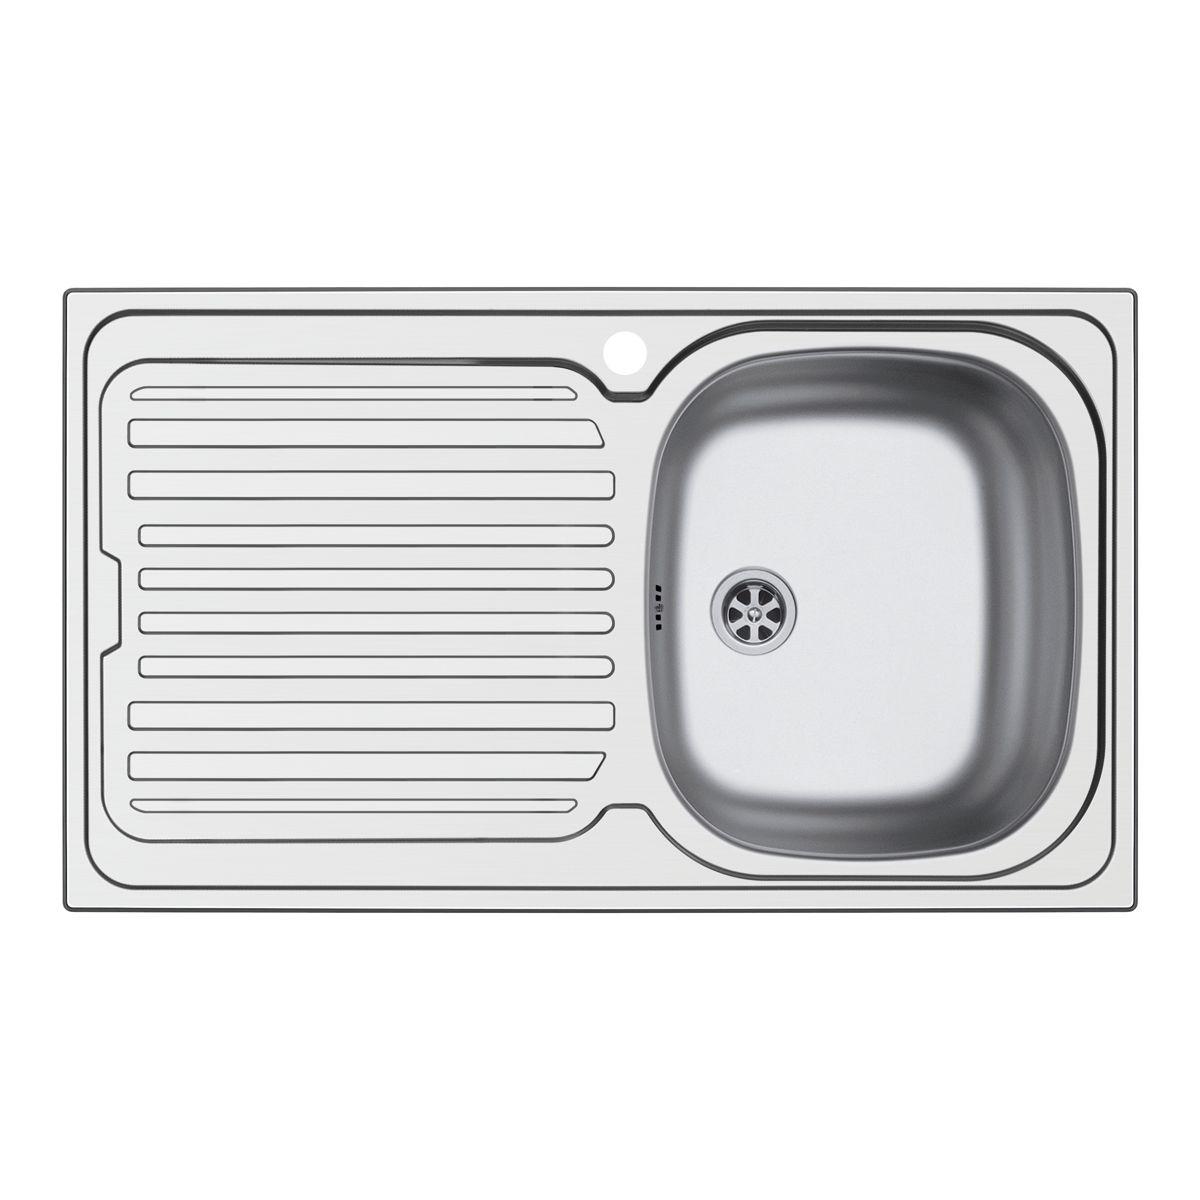 Emejing misure lavello cucina una vasca ideas ideas - Lavelli cucina da appoggio ...